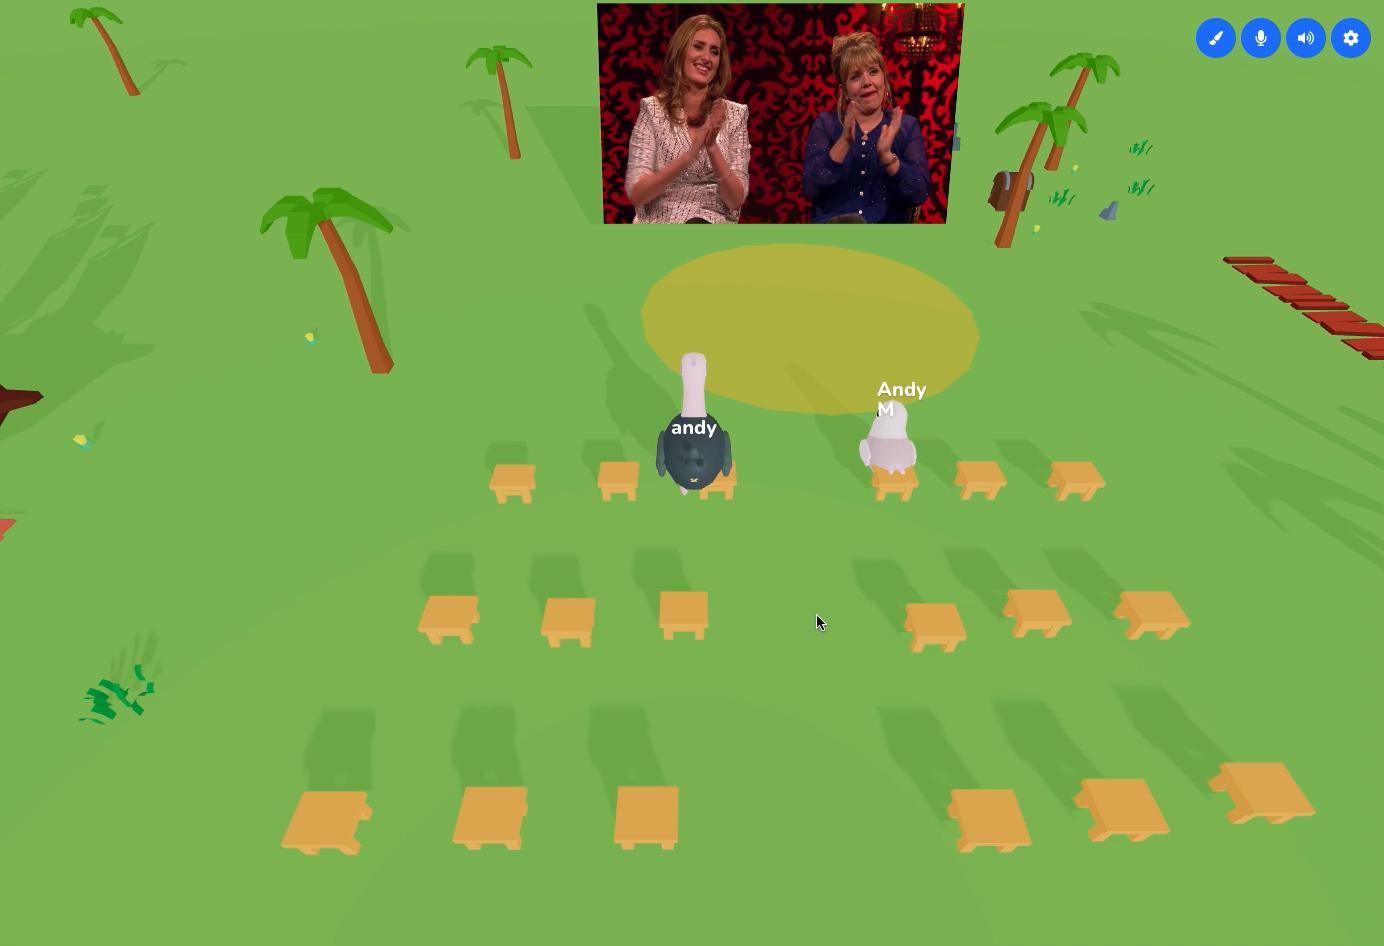 Skittish avatars watching a video